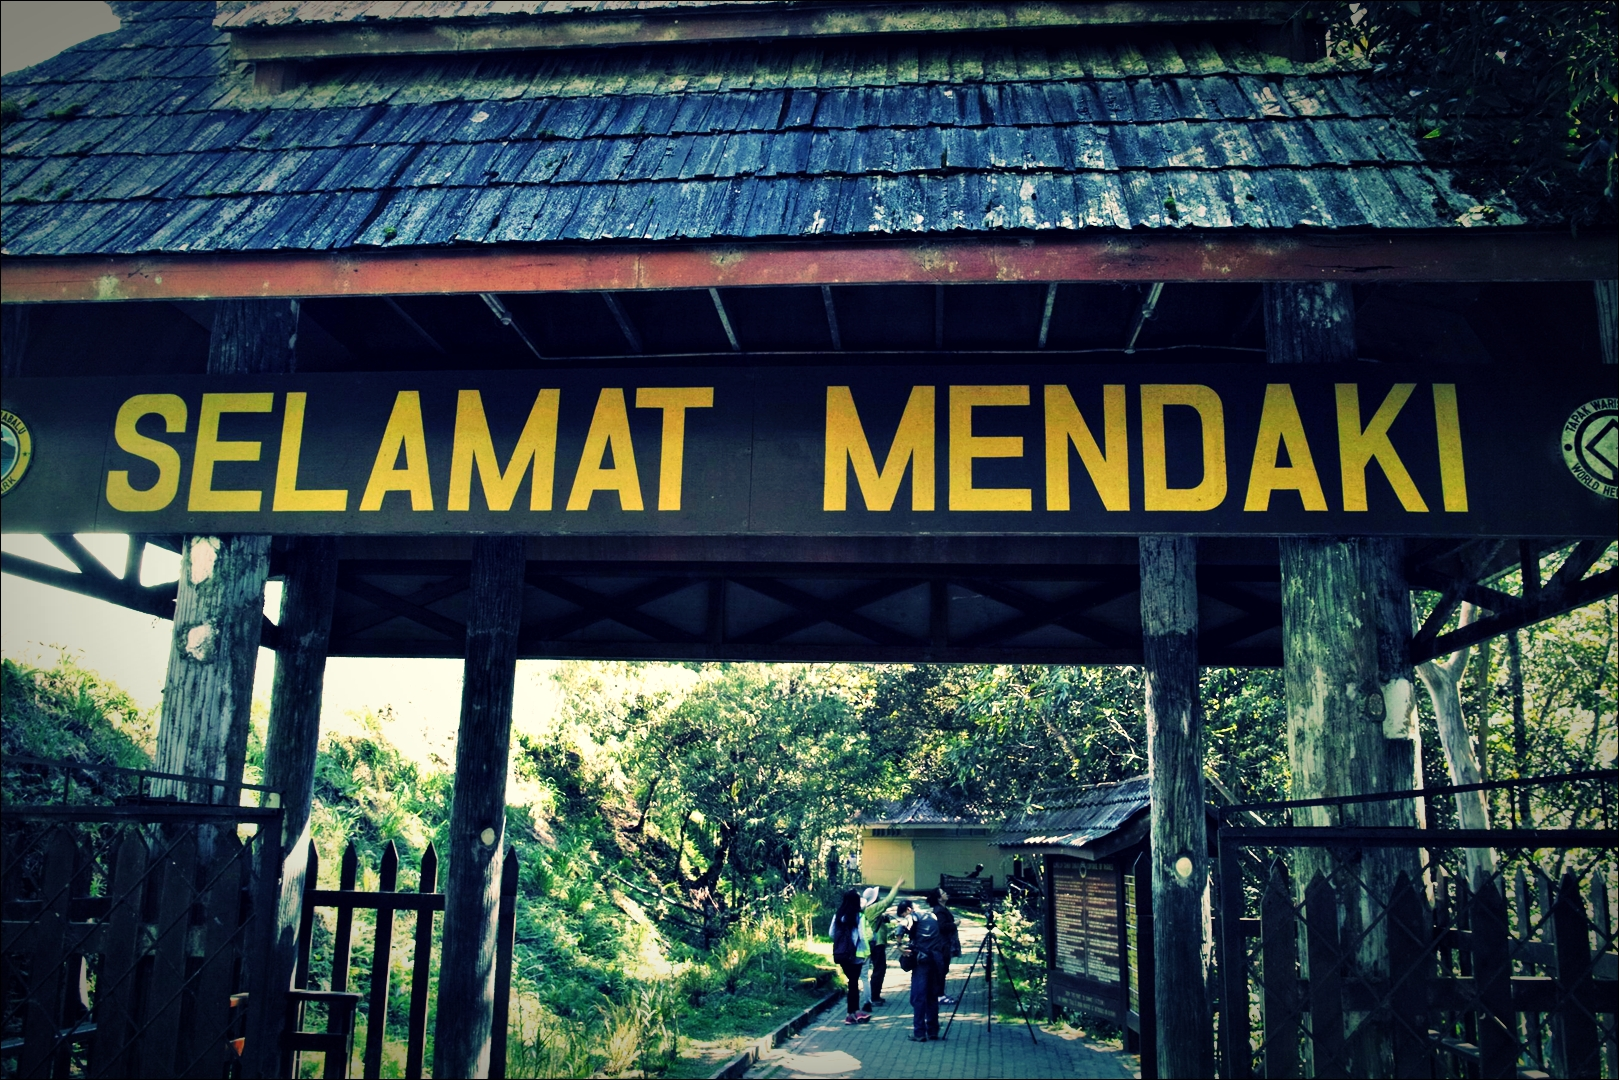 팀폰 게이트-'키나발루산 등반 준비 Climbing mount Kinabalu Preparation'